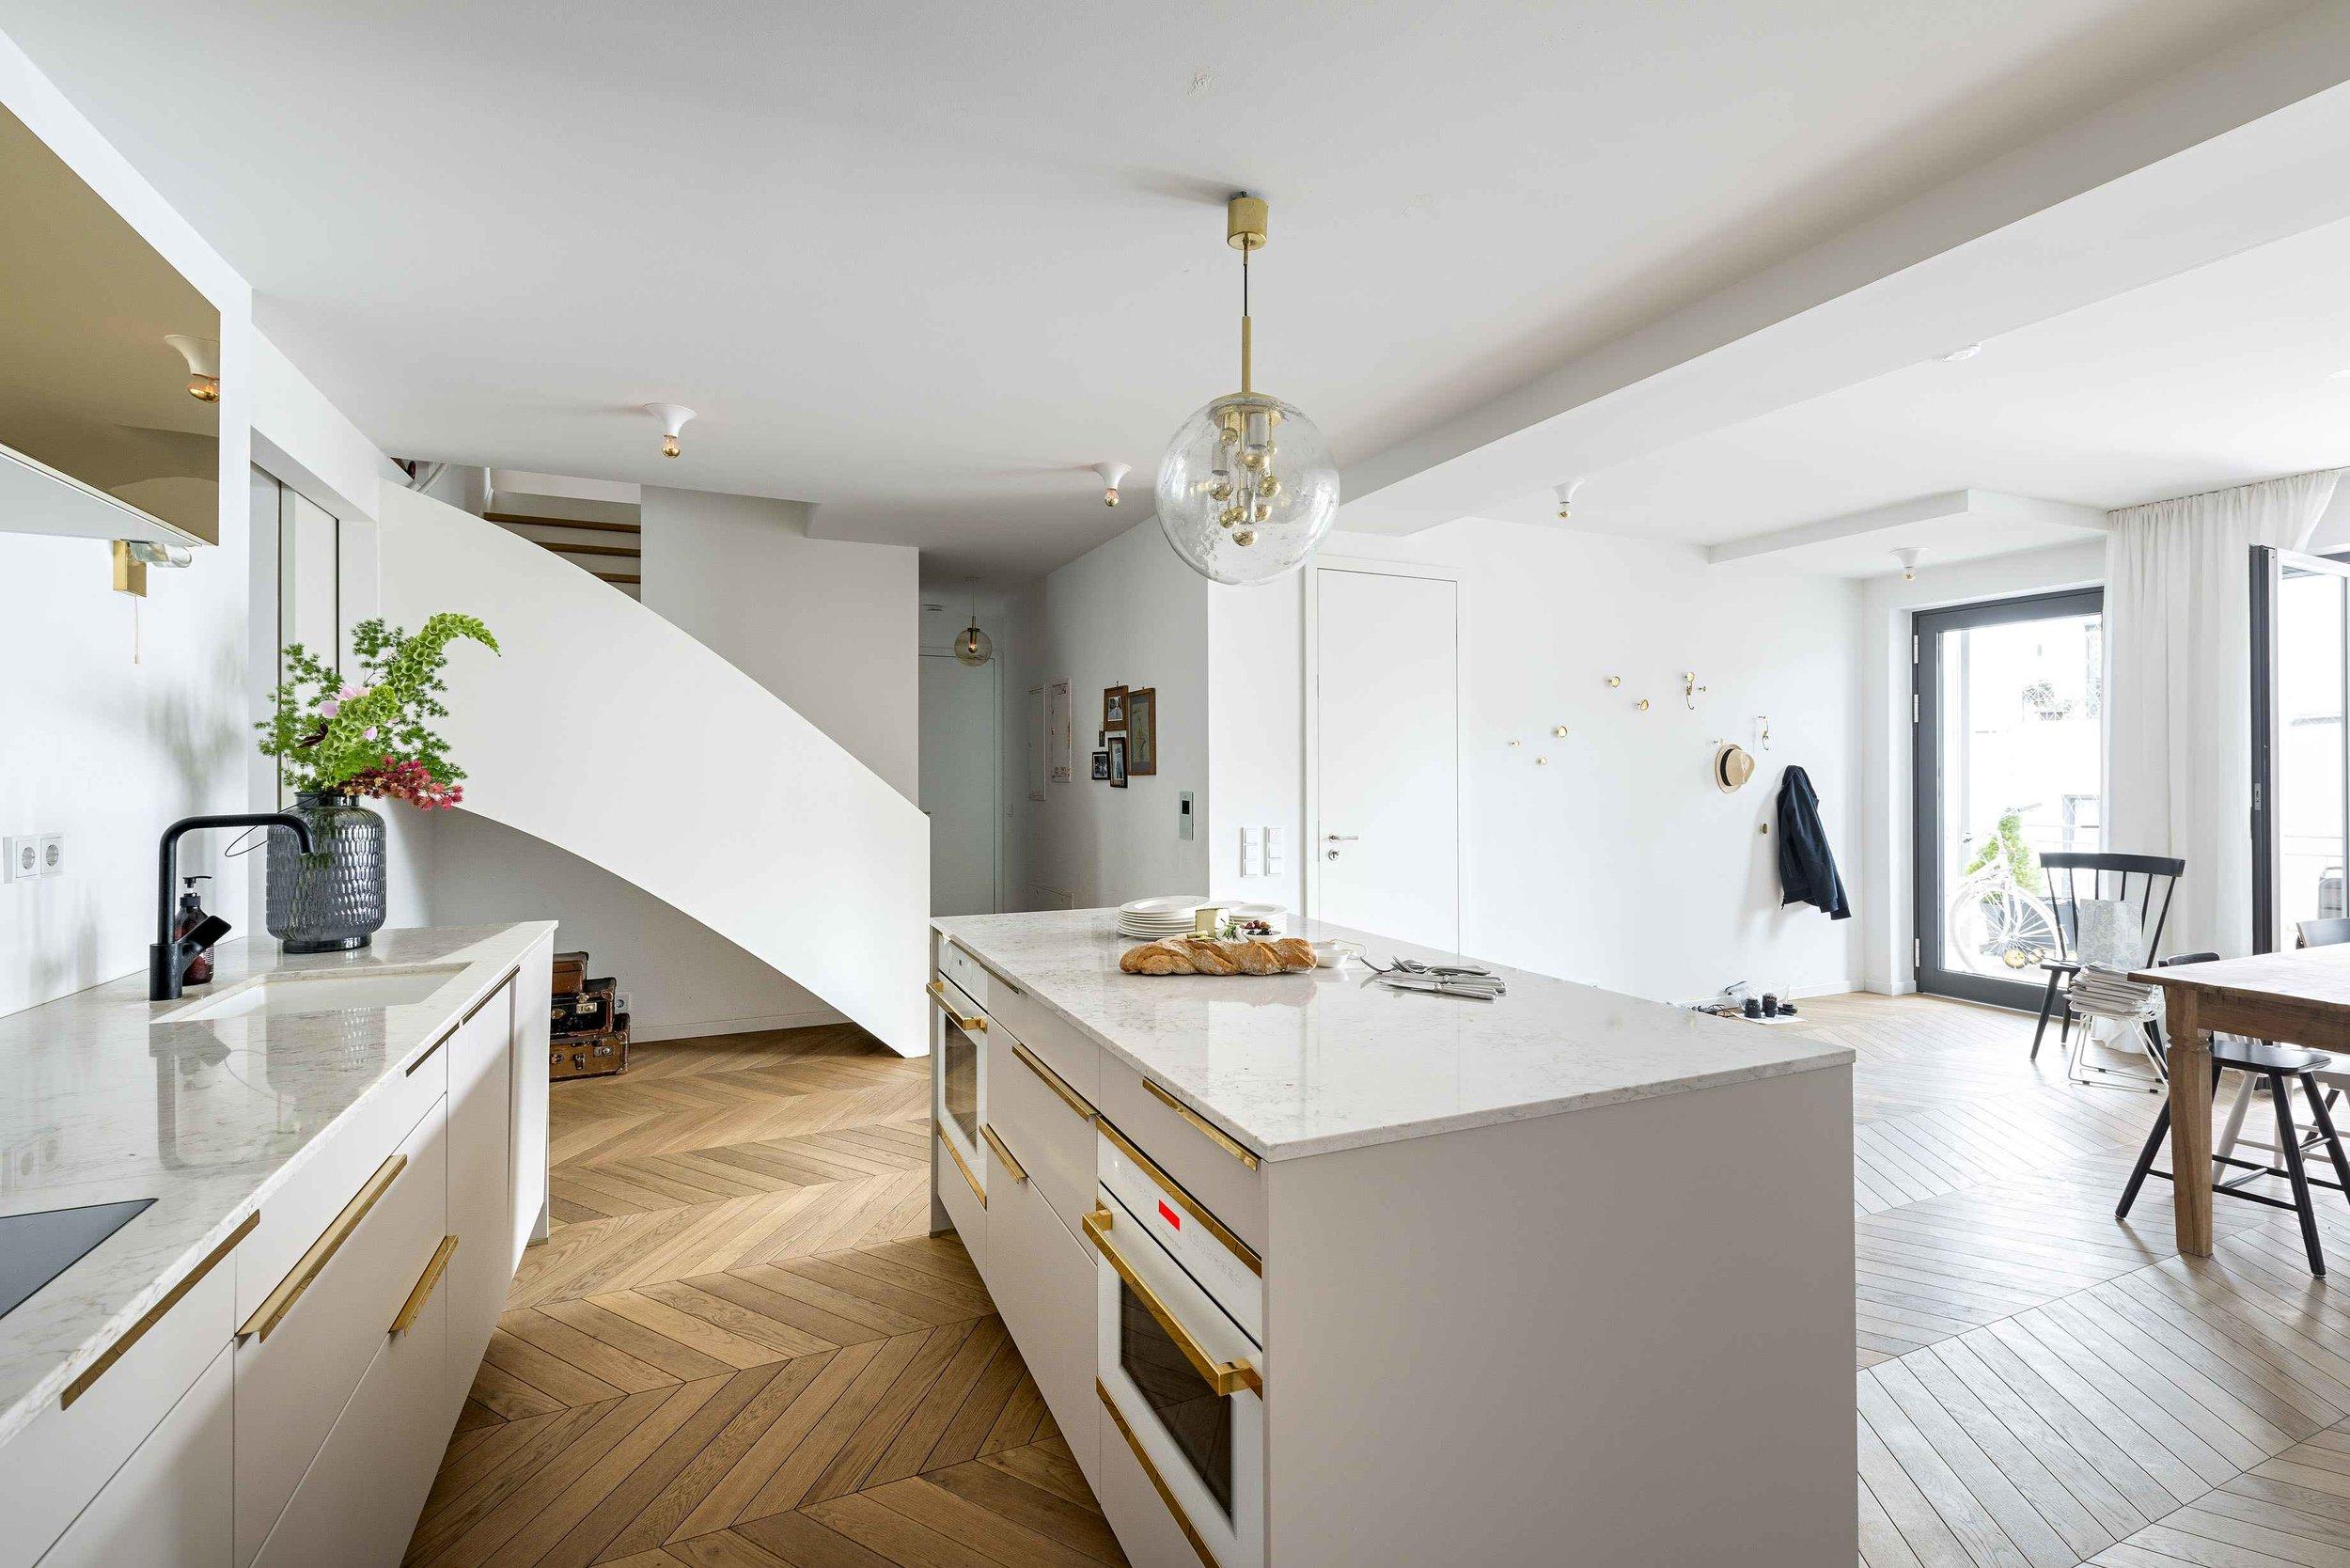 Buero Philipp Moeller-Architektur-Muenchen-Sanierung-Wohnung12.jpg